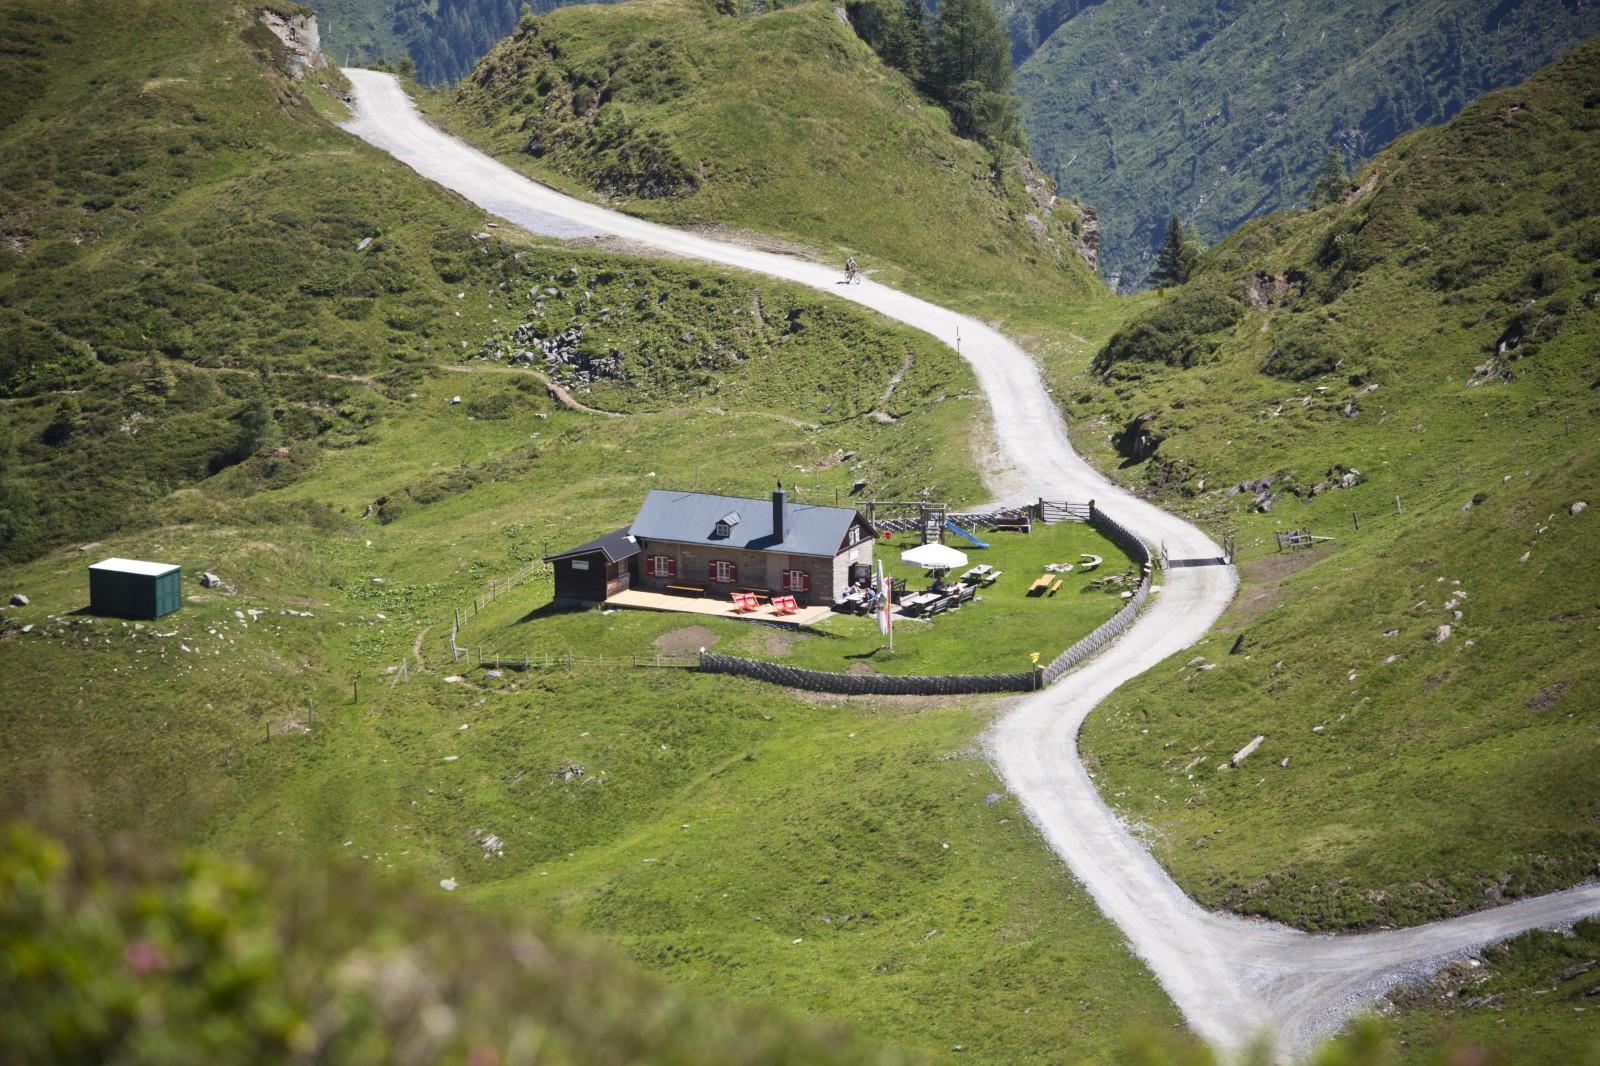 Möglichkeiten für eine Pause gibt es am Weg in das Tal genug.